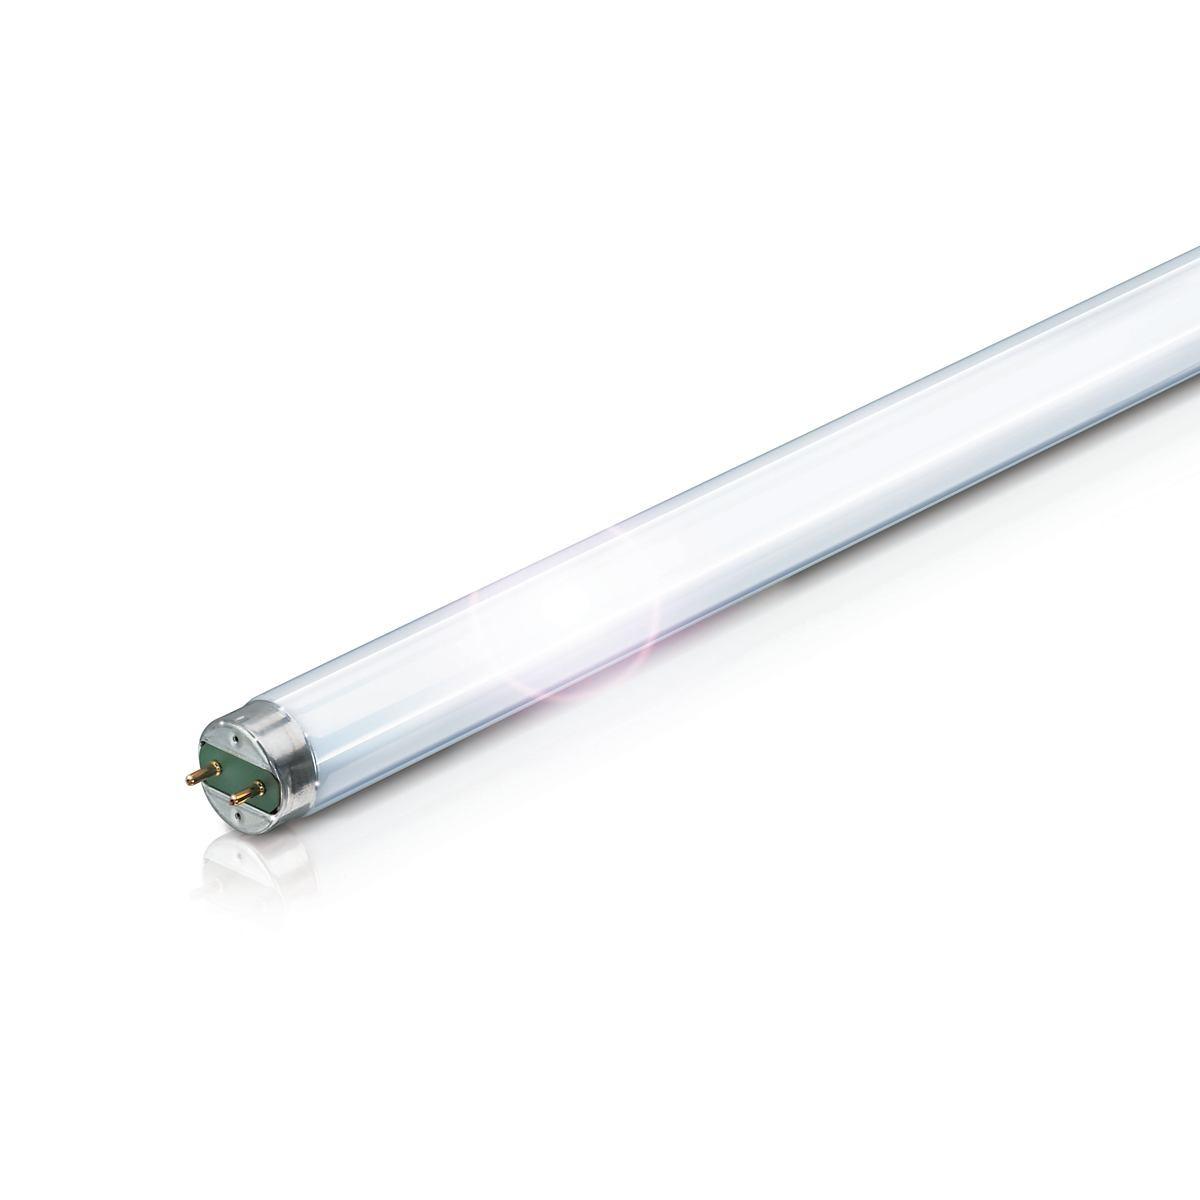 Tl lamp 18 w 60 cm kleur 830 warm wit for Lampen 60 cm